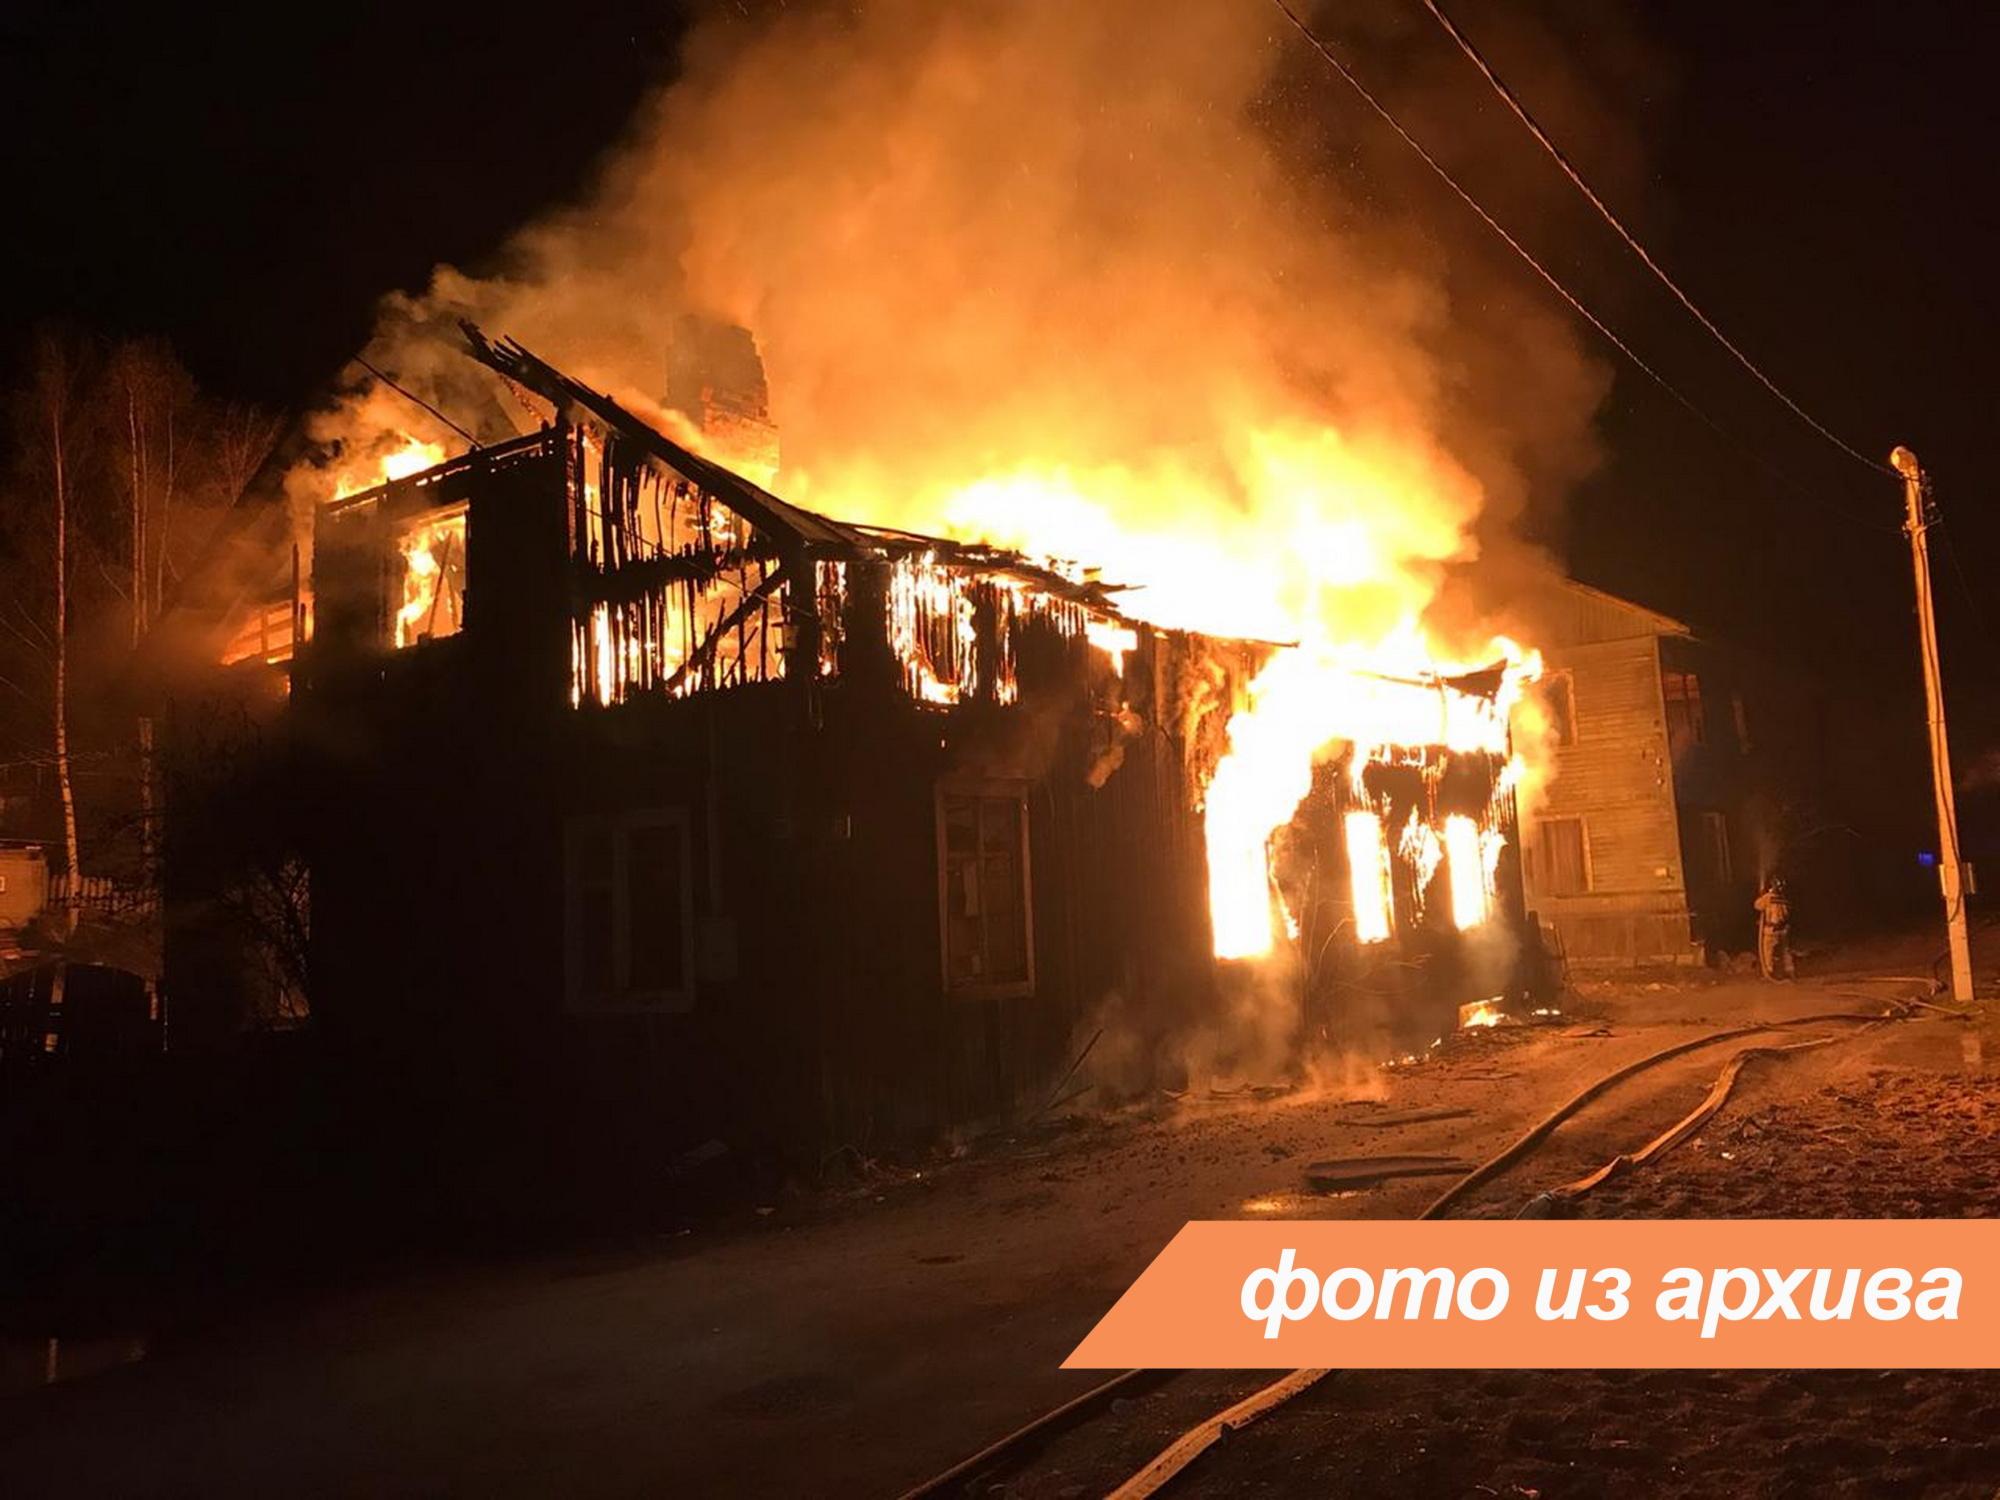 Пожарно-спасательные подразделения Ленинградской области ликвидировали пожар в Подпорожском районе